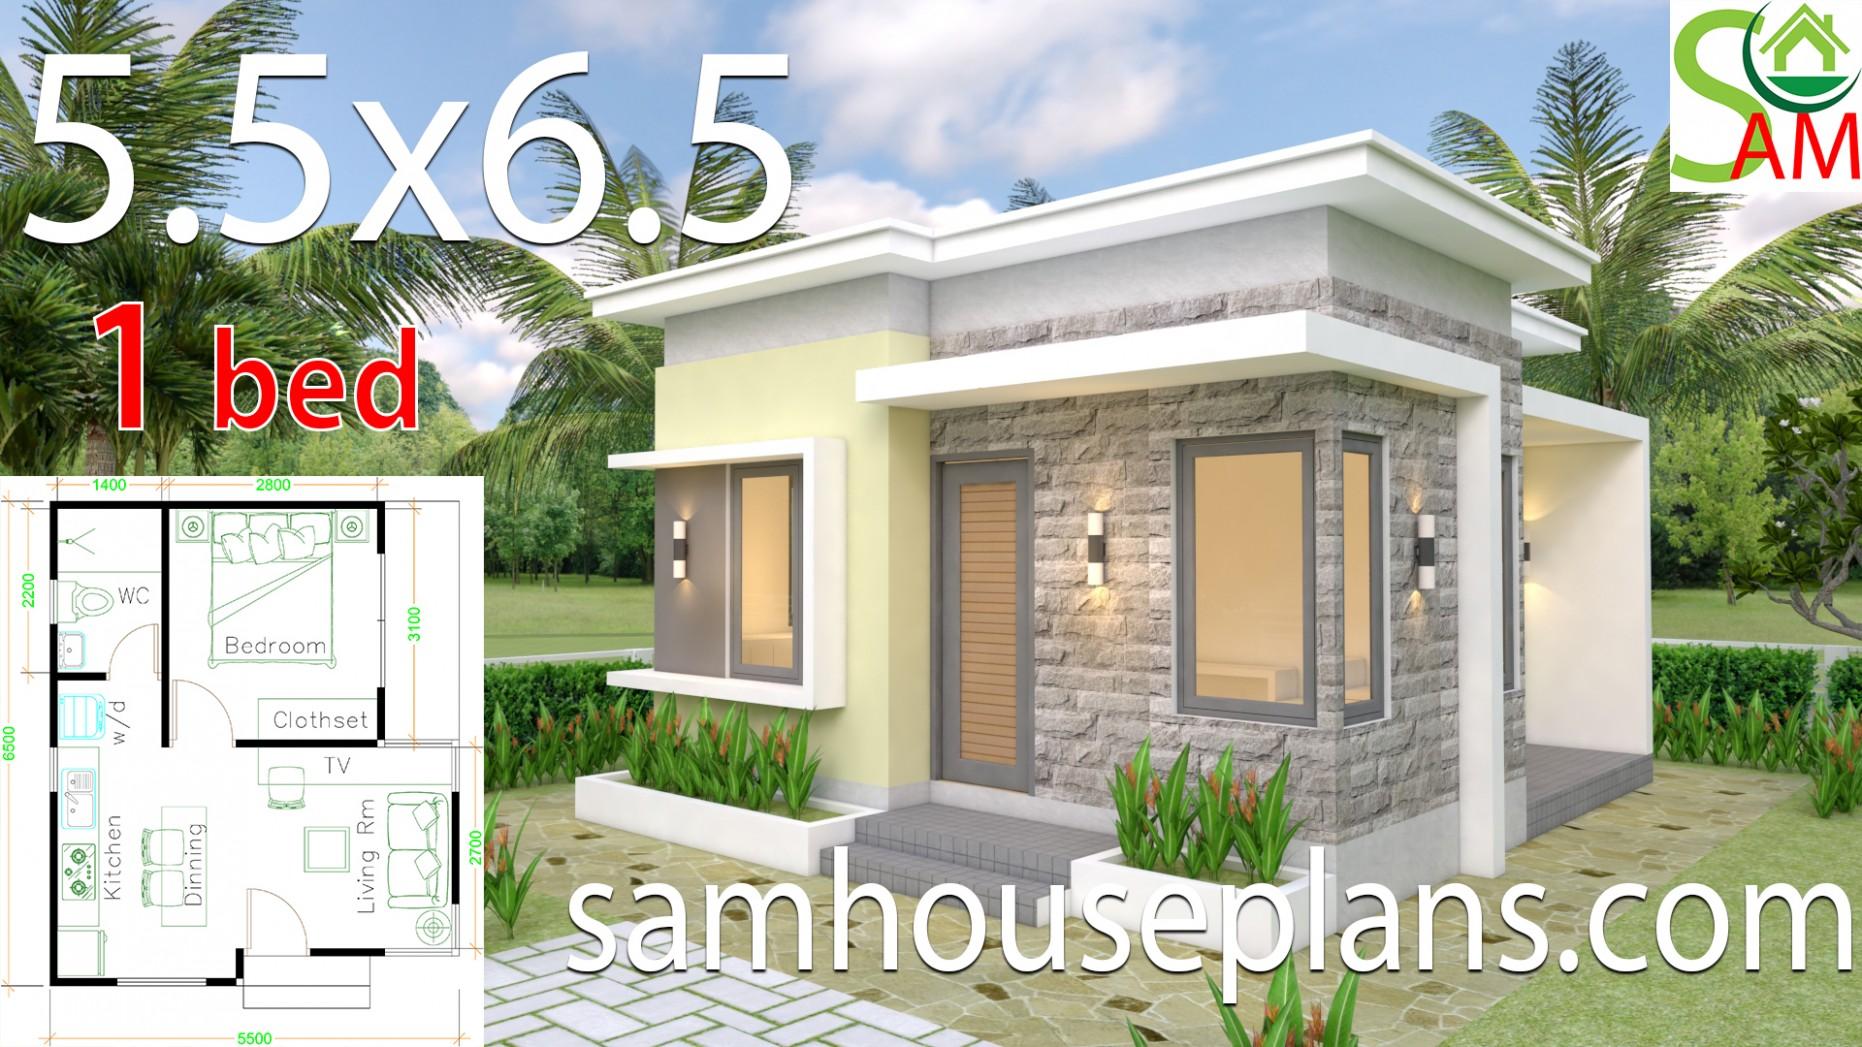 House design Plans 11.11x11